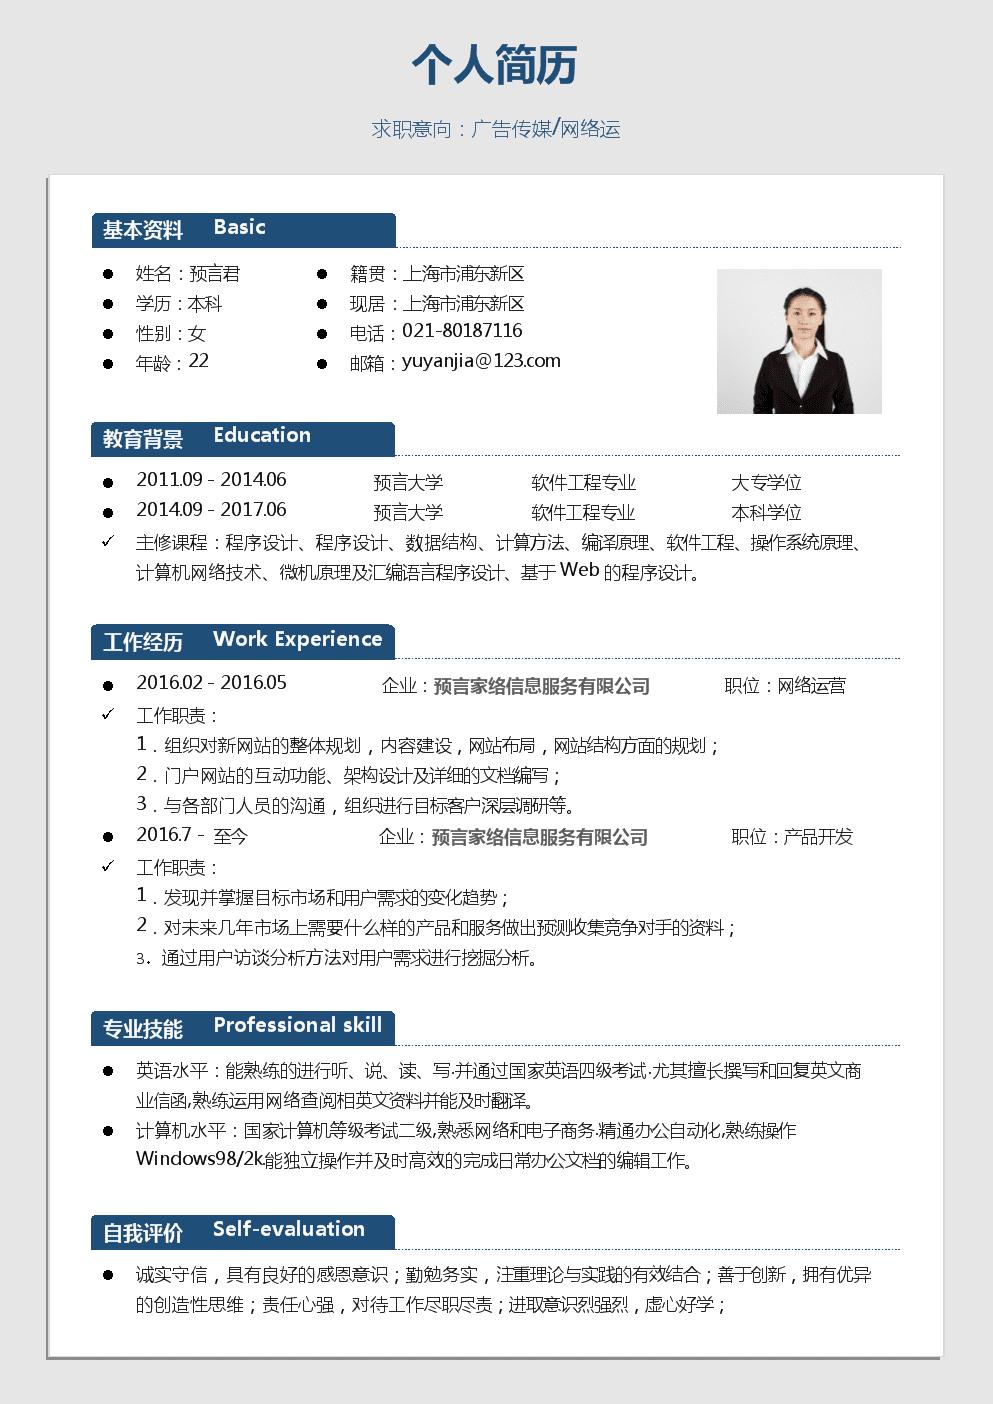 个人简历模板(广告传媒网络运营样例).docx